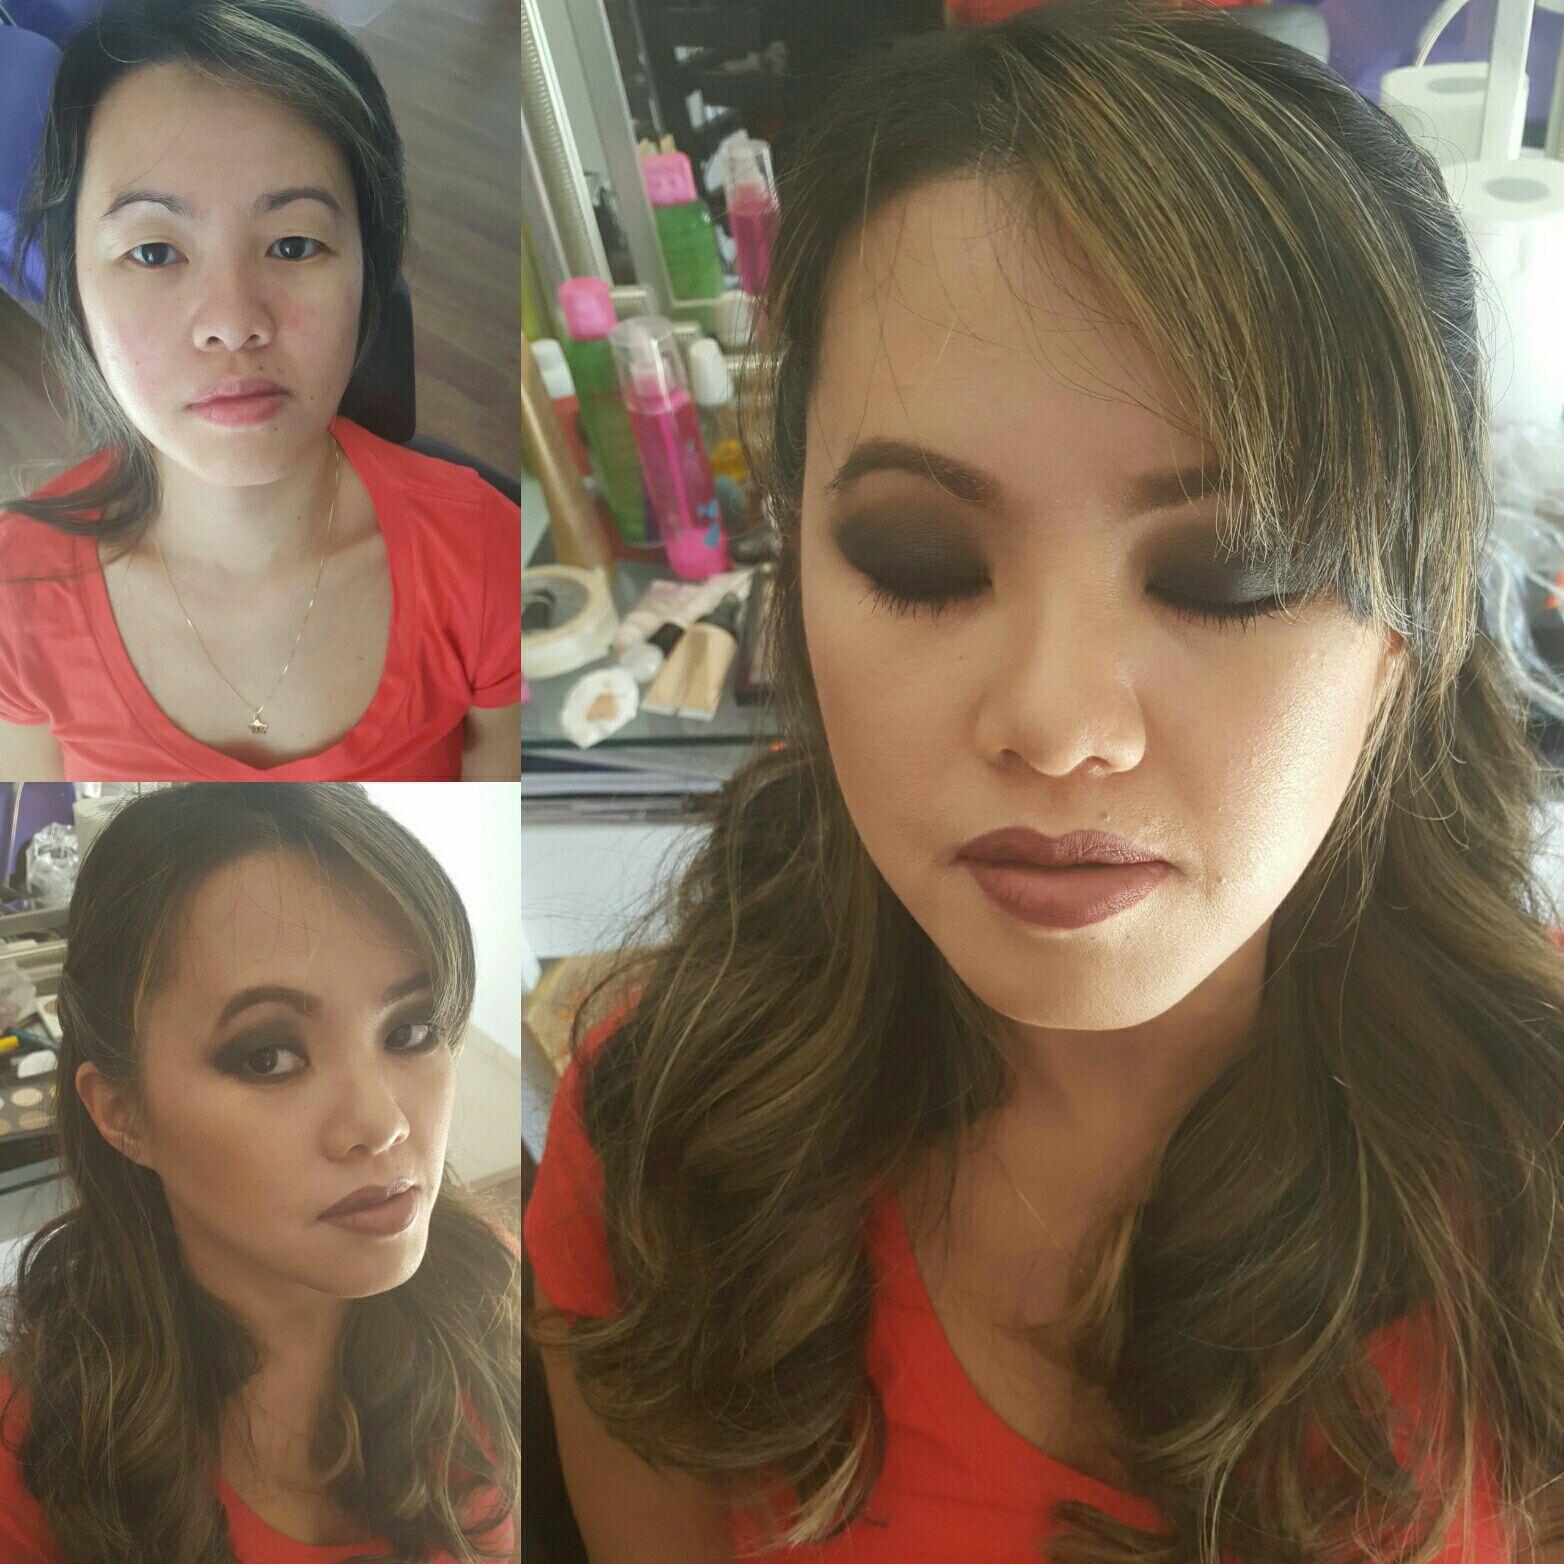 Maquiagem para asiáticas e técnica de aumento da região dos olhos maquiagem cabeleireiro(a) maquiador(a) micropigmentador(a)